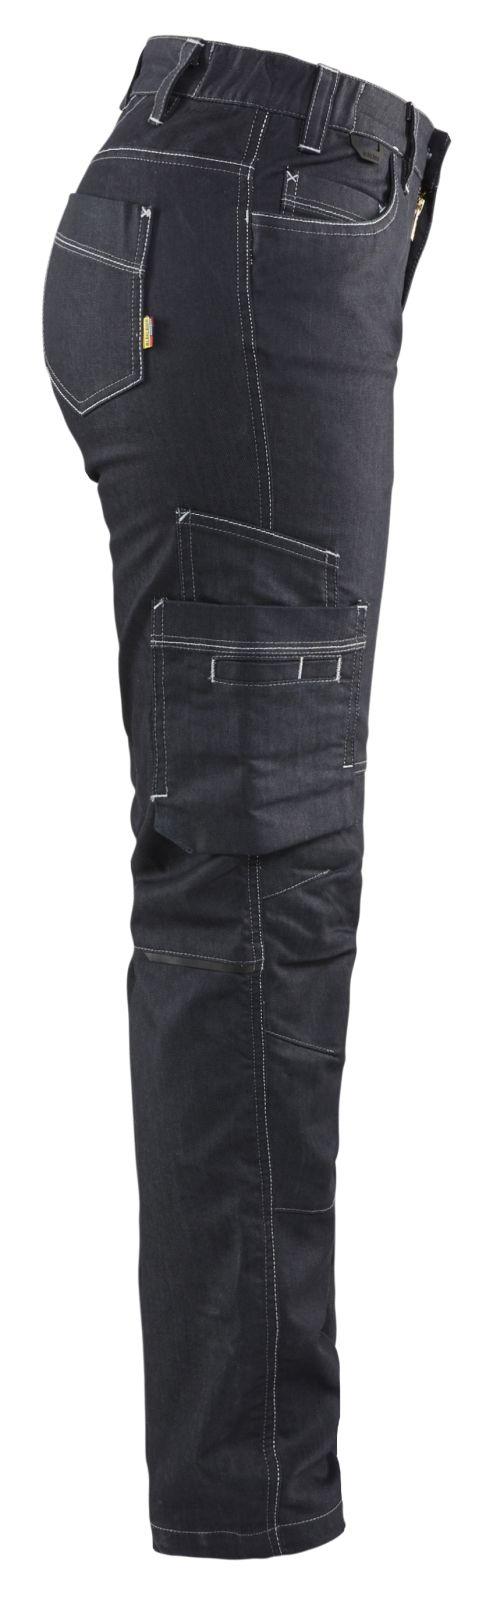 Blaklader Dames werkbroeken 71401141 Stretch marineblauw(8900)